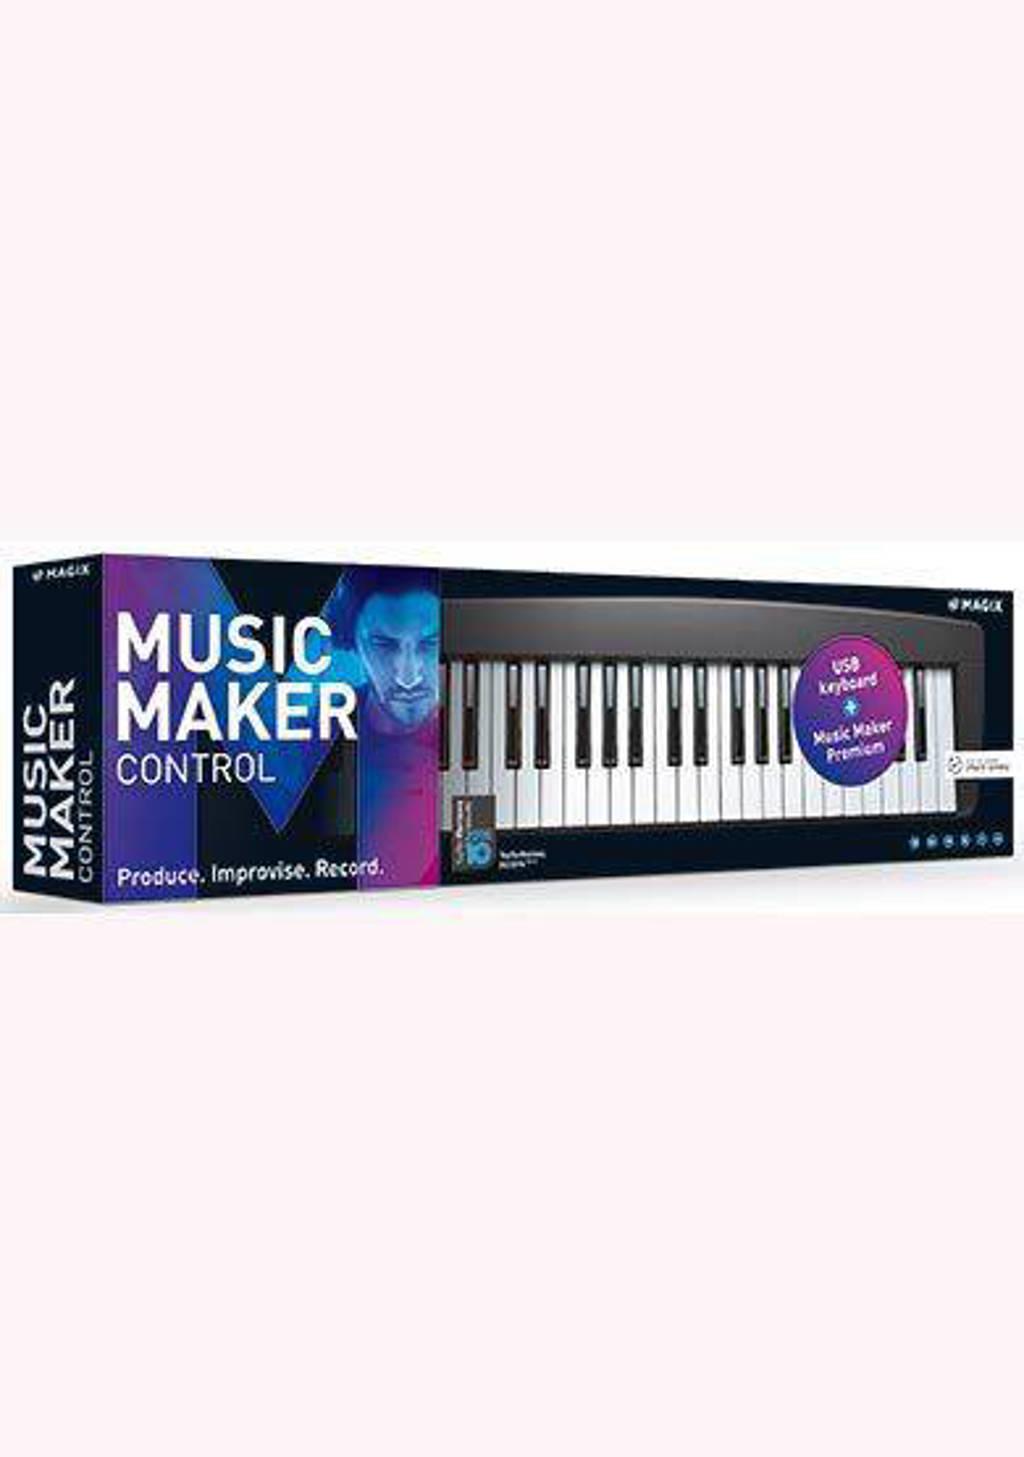 Magix music maker control (PC)